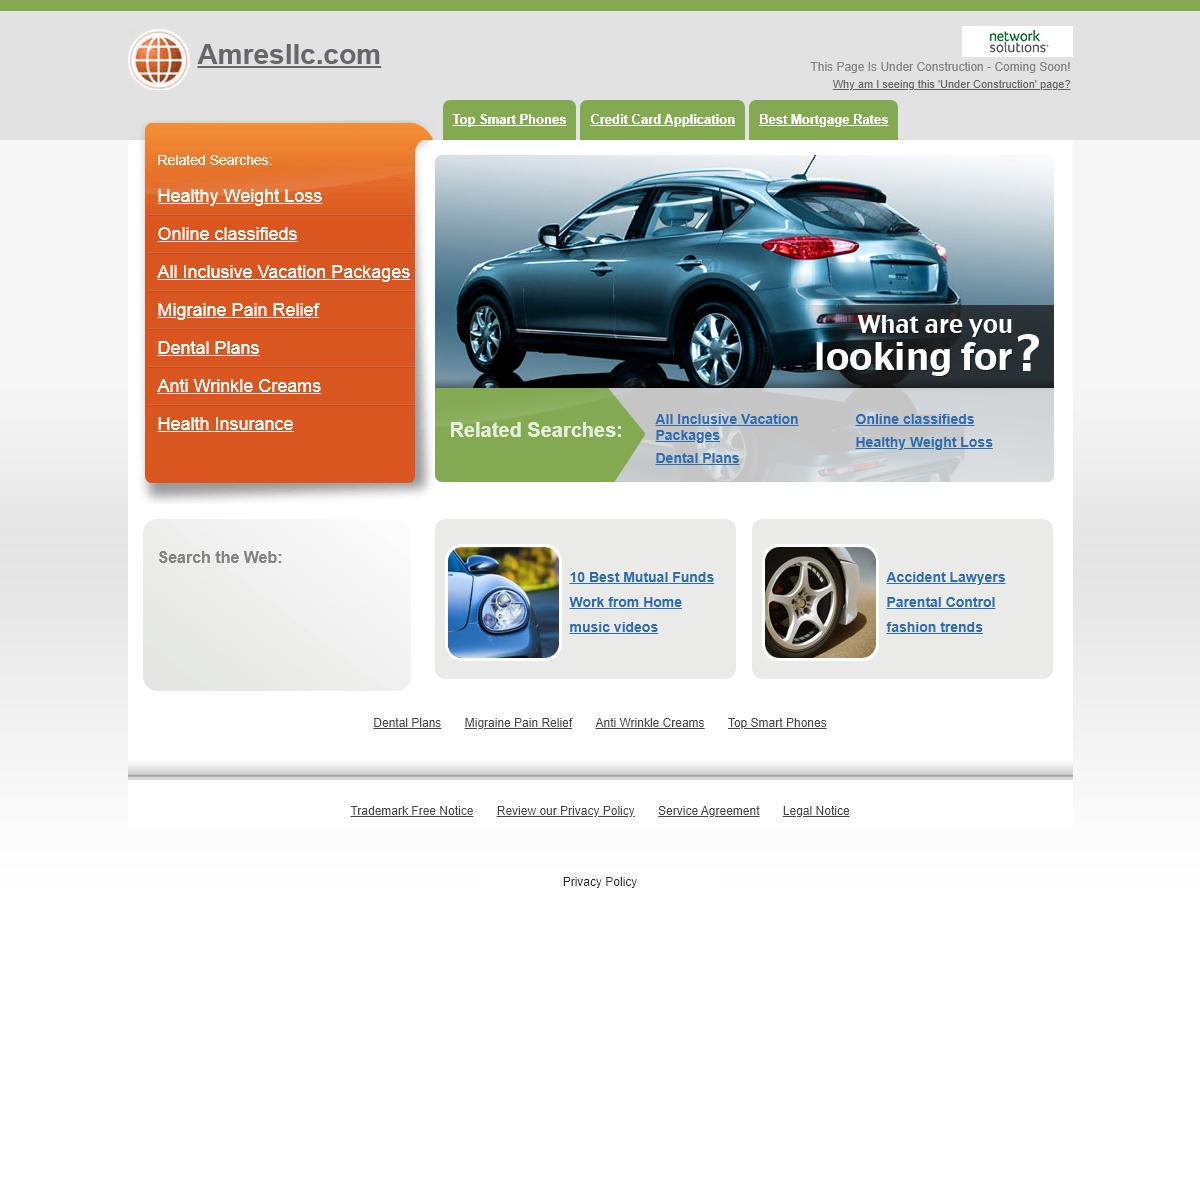 Amresllc.com